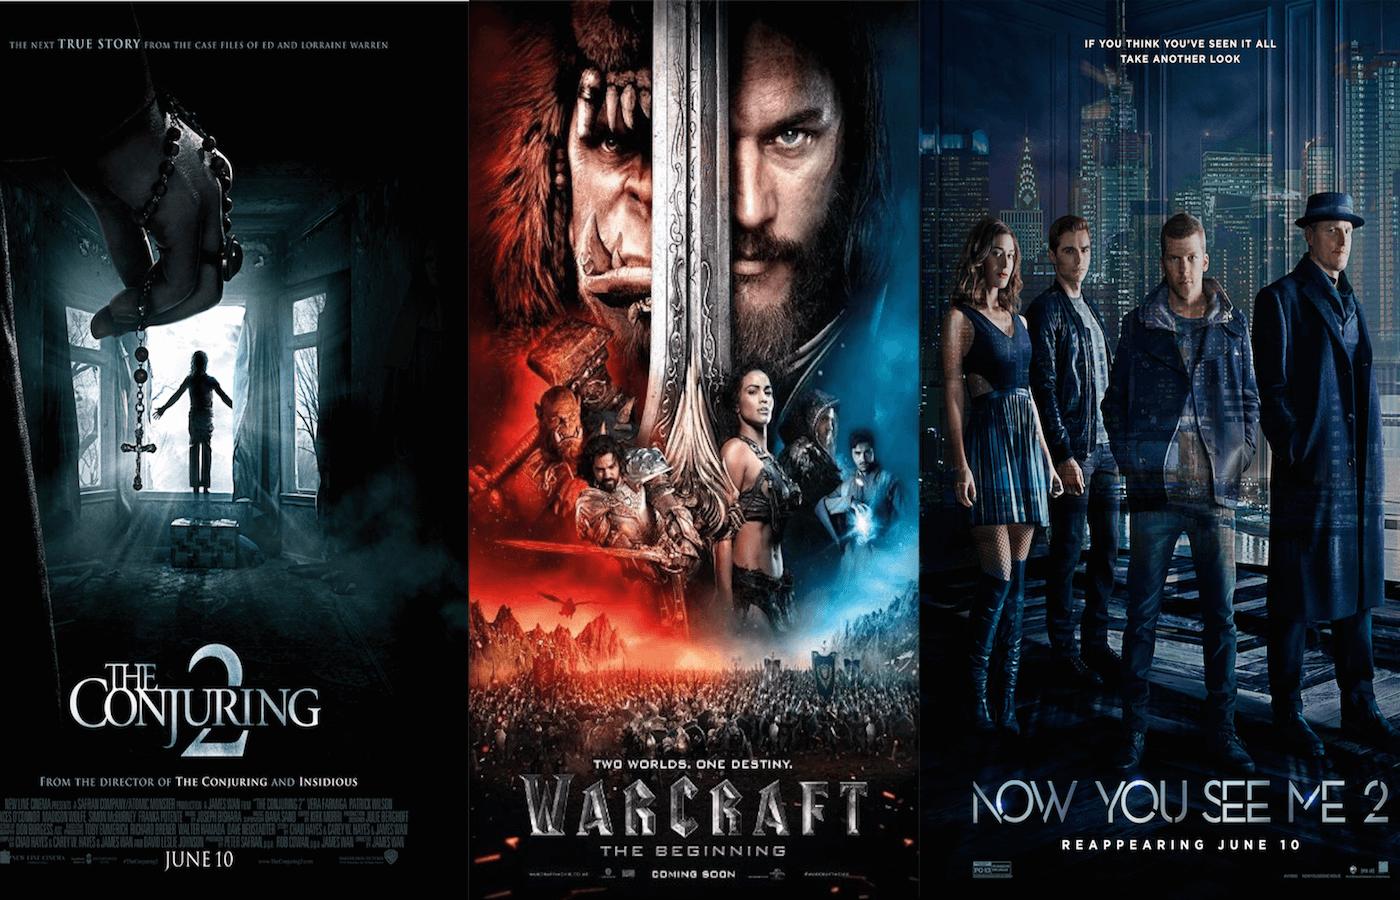 全米Box Office(6/10~12):『死霊館 エンフィールド事件』が初登場首位!『ウォークラフト』は2位!!